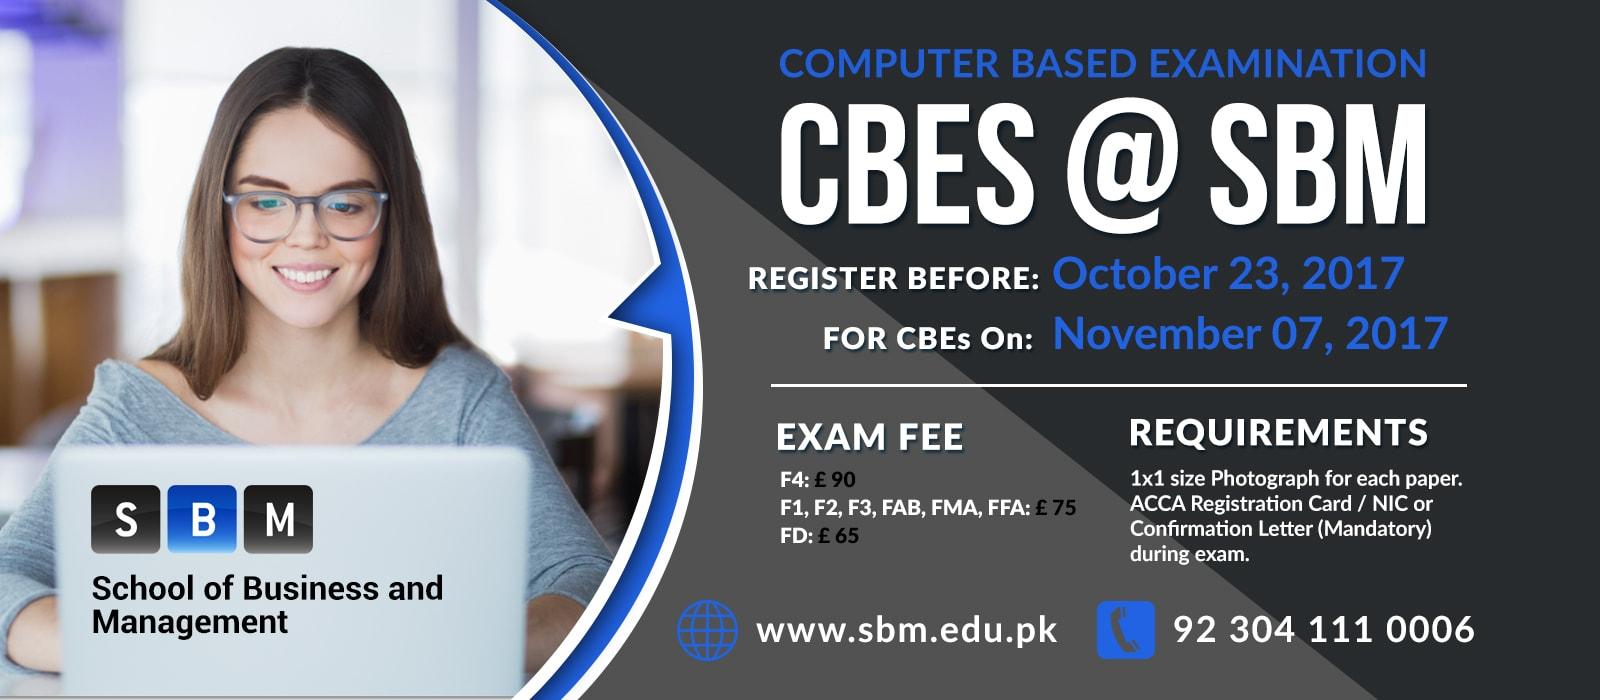 Register before 23rd Oct for CBE exam on 07 Nov, 2017